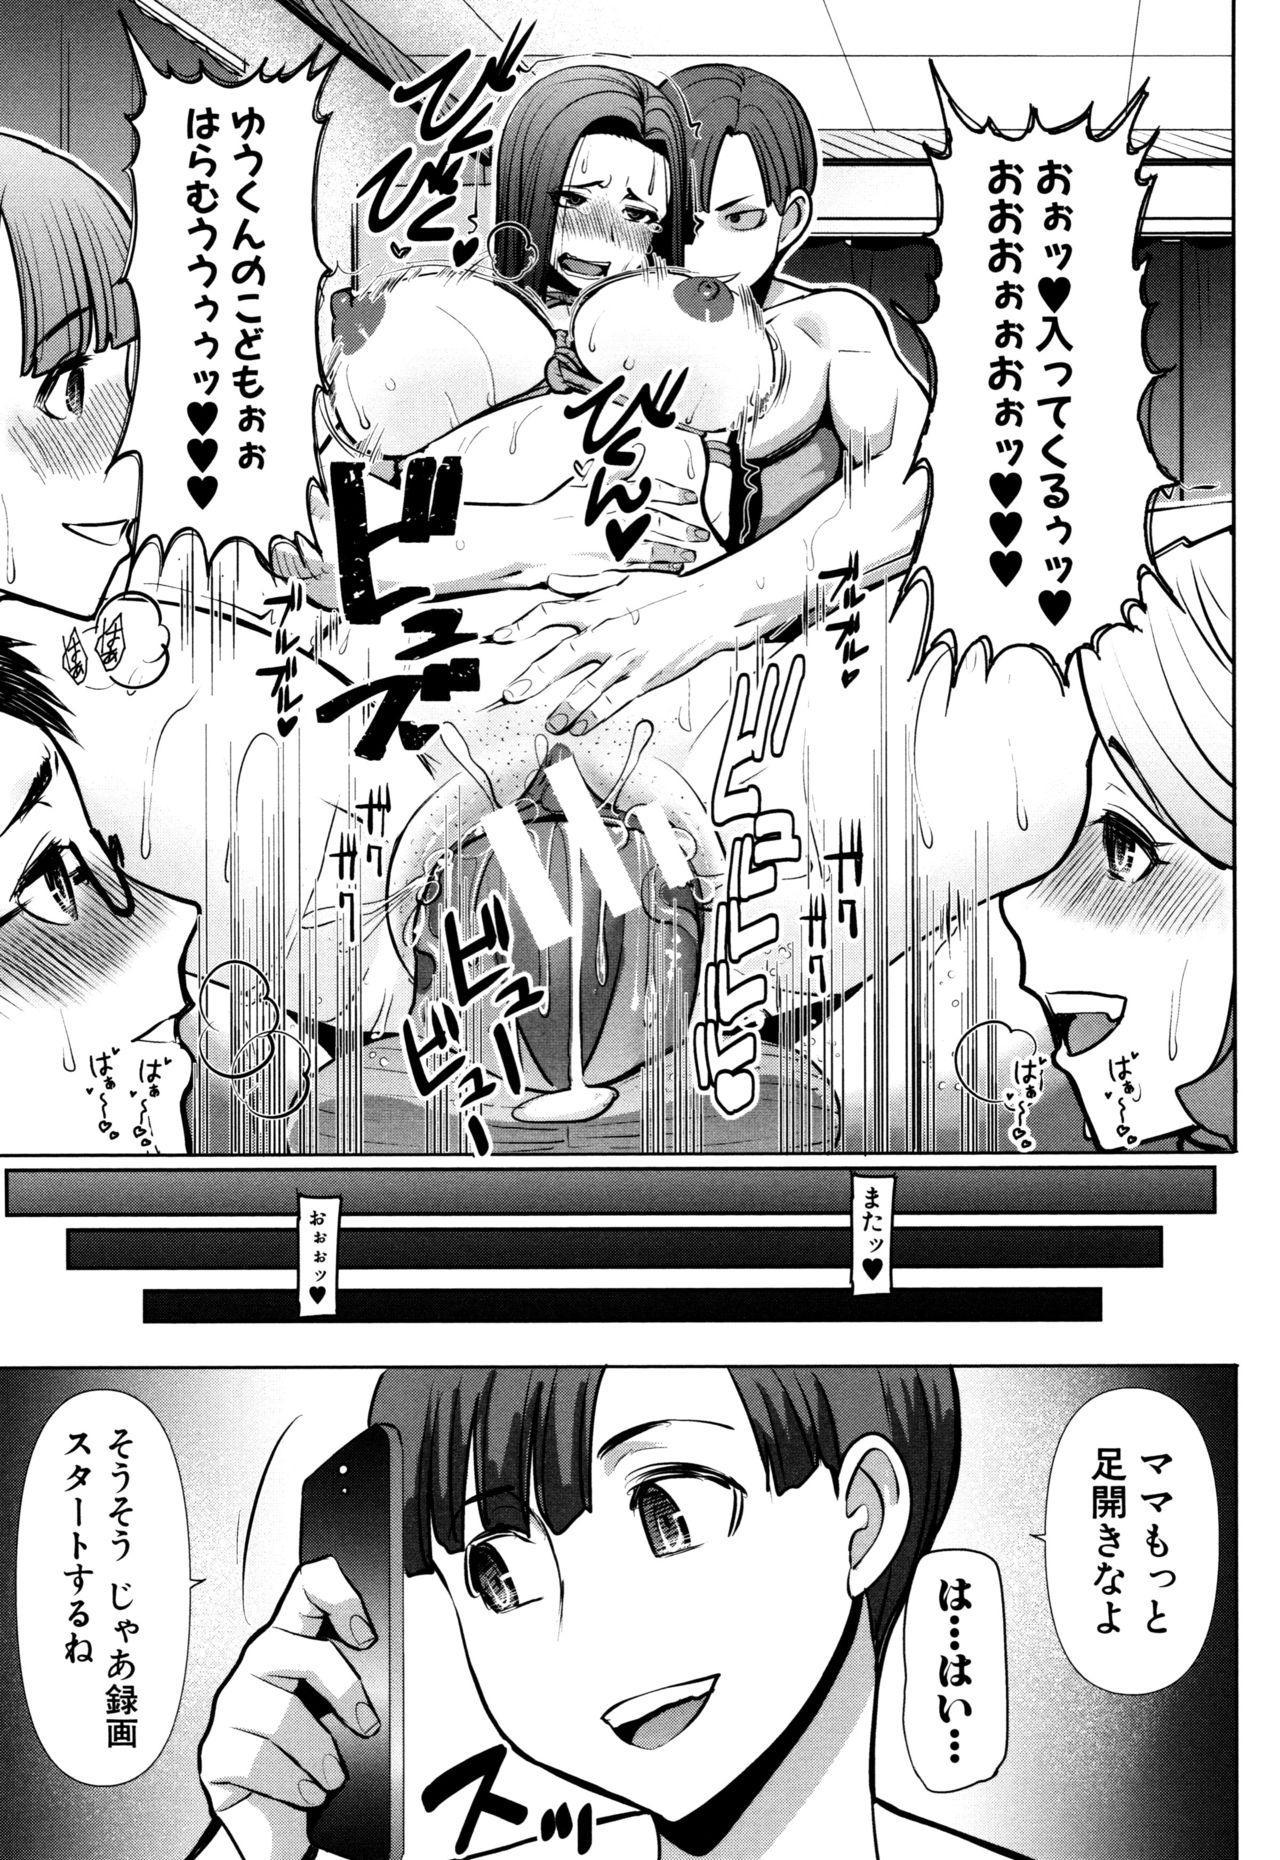 Unsweet - Asahina Ikka Netorareta Haha · Tomoko 188